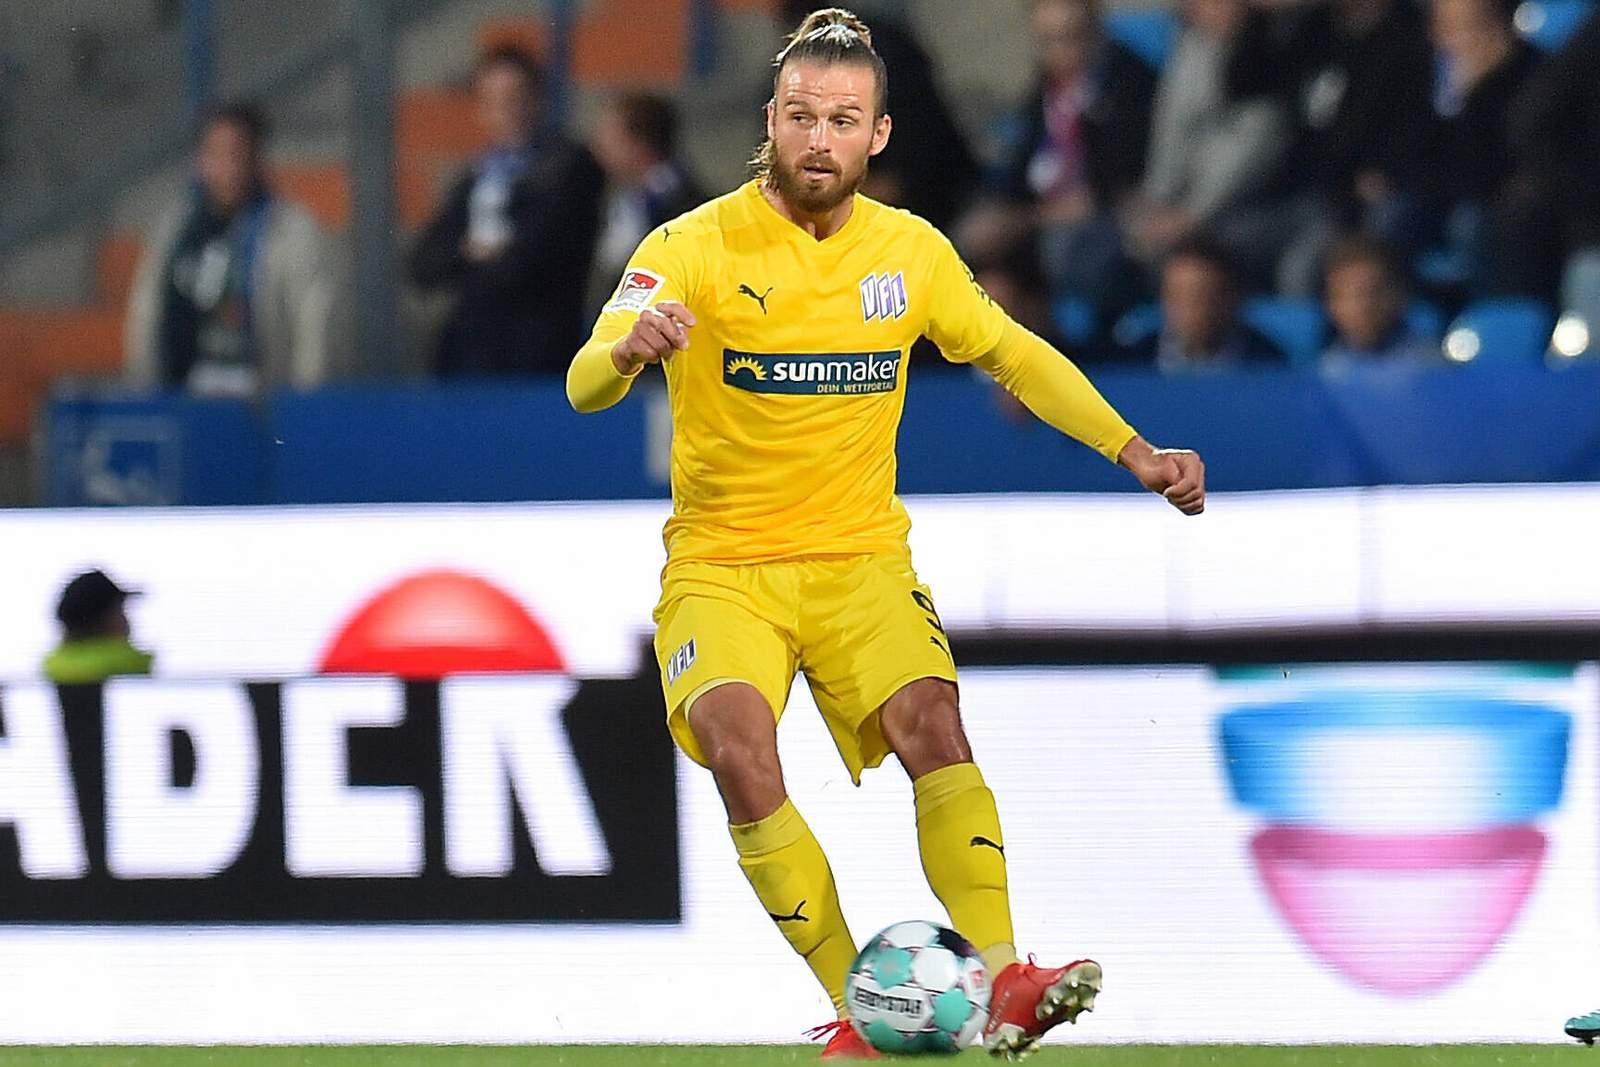 Christian Santos vom VfL Osnabrück